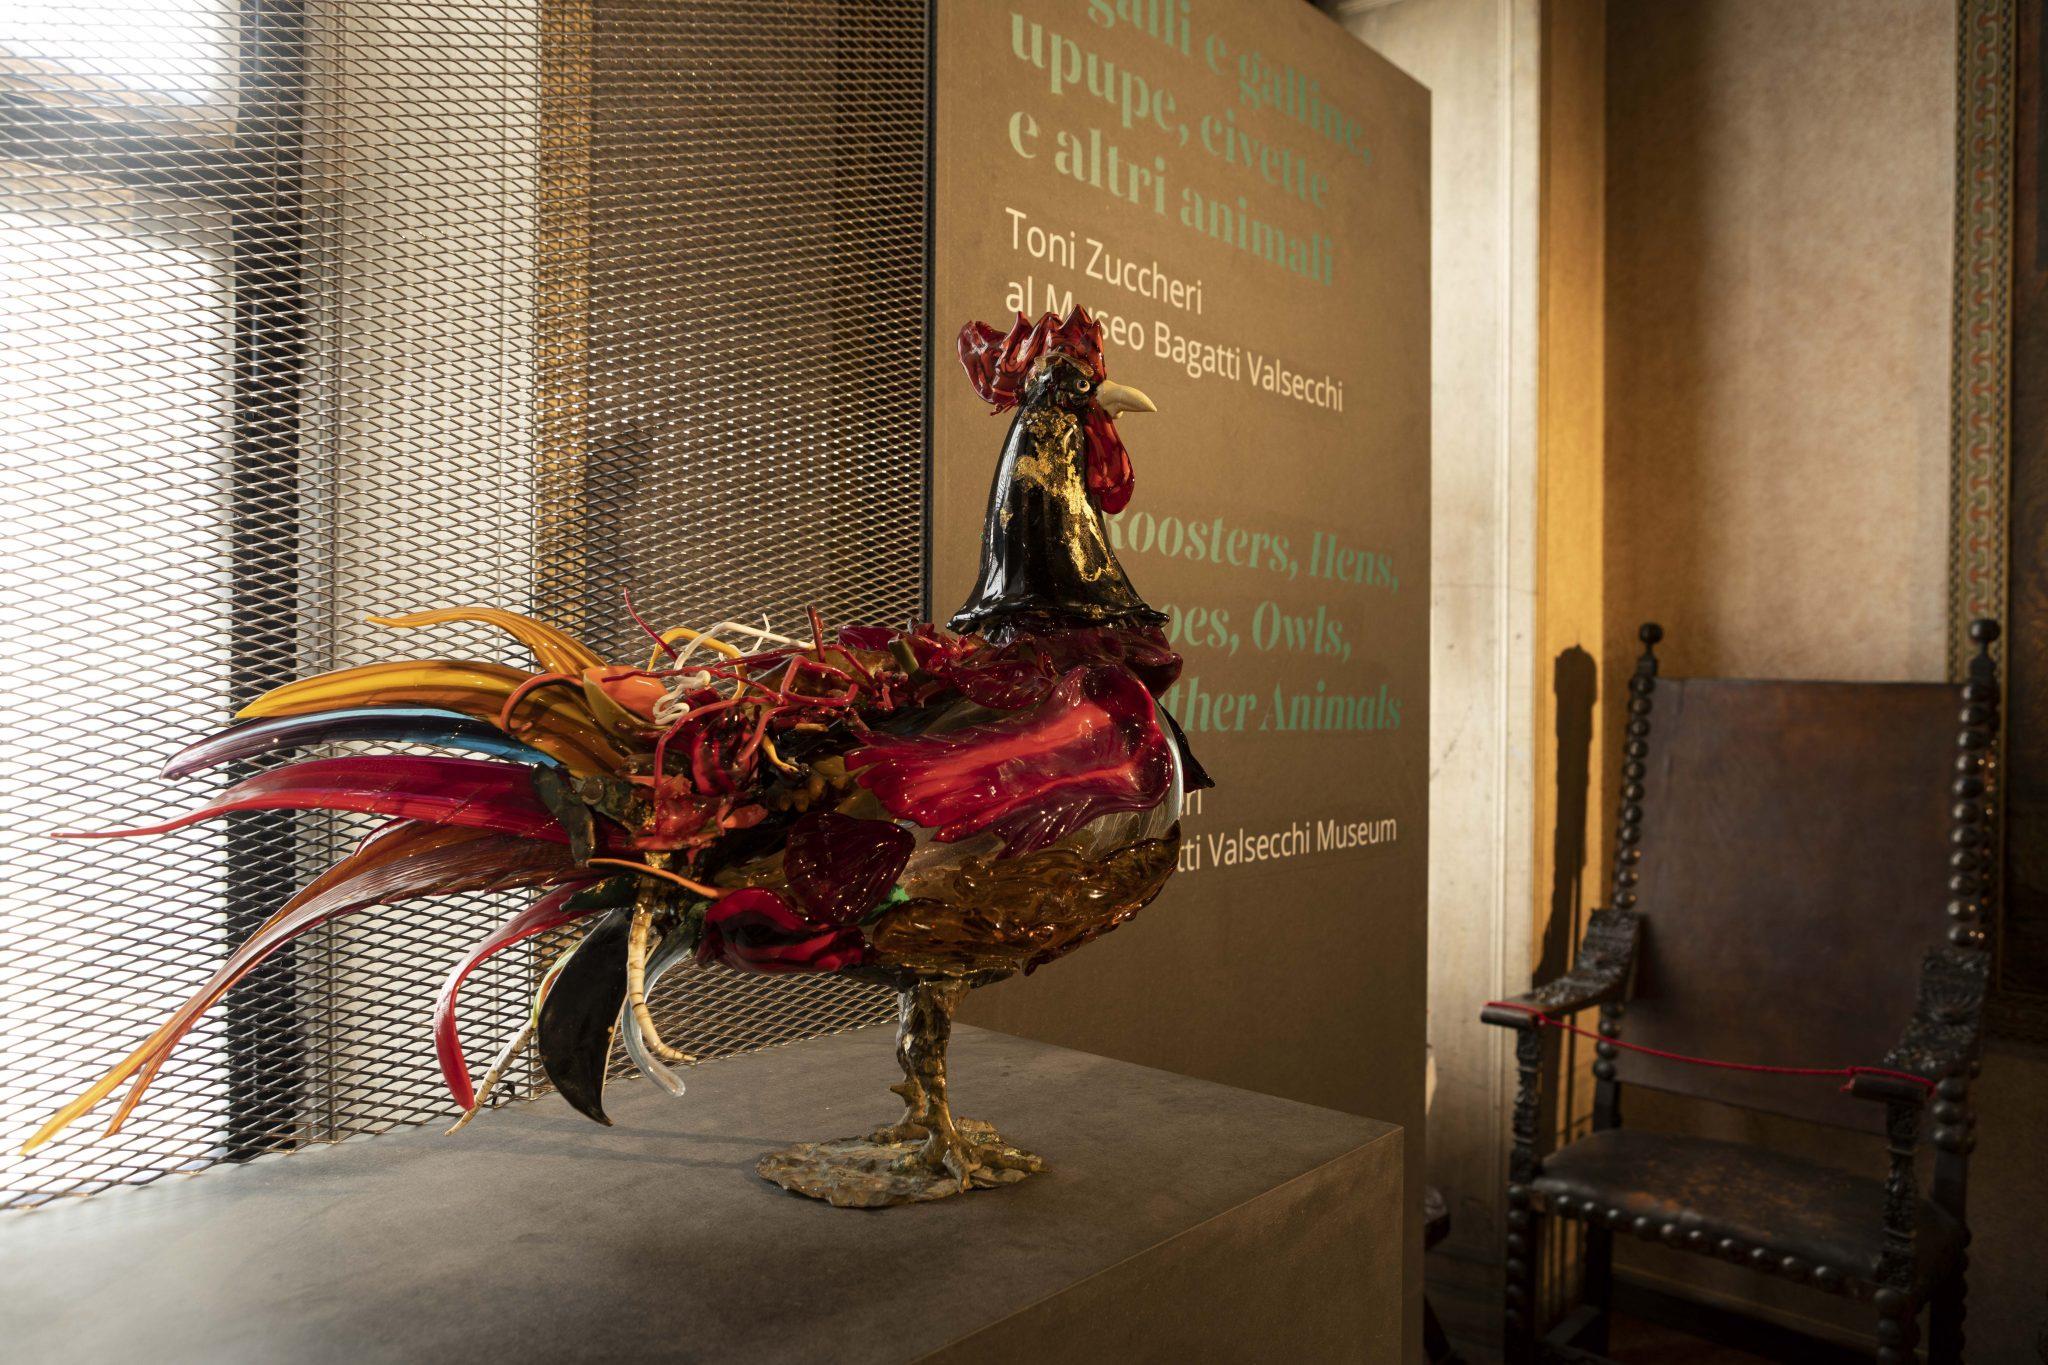 Di galli e galline_Museo Bagatti Valsecchi_Credits Paola Meloni 02